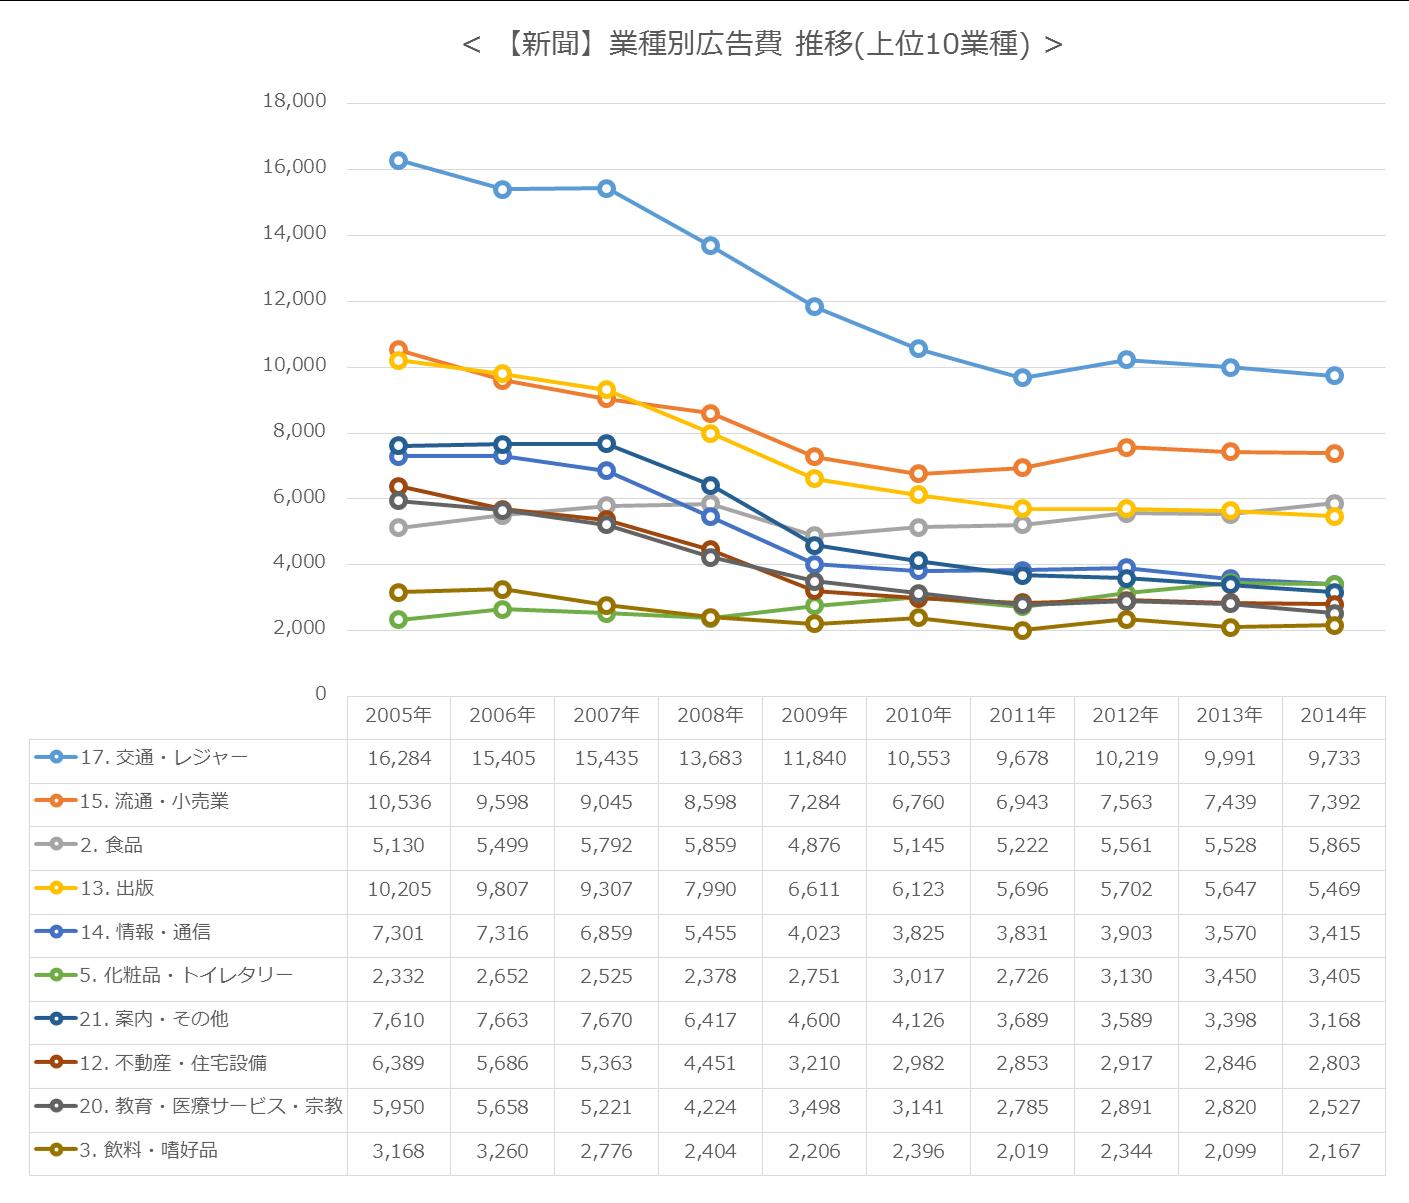 【新聞】業種別広告費 推移(上位10業種)